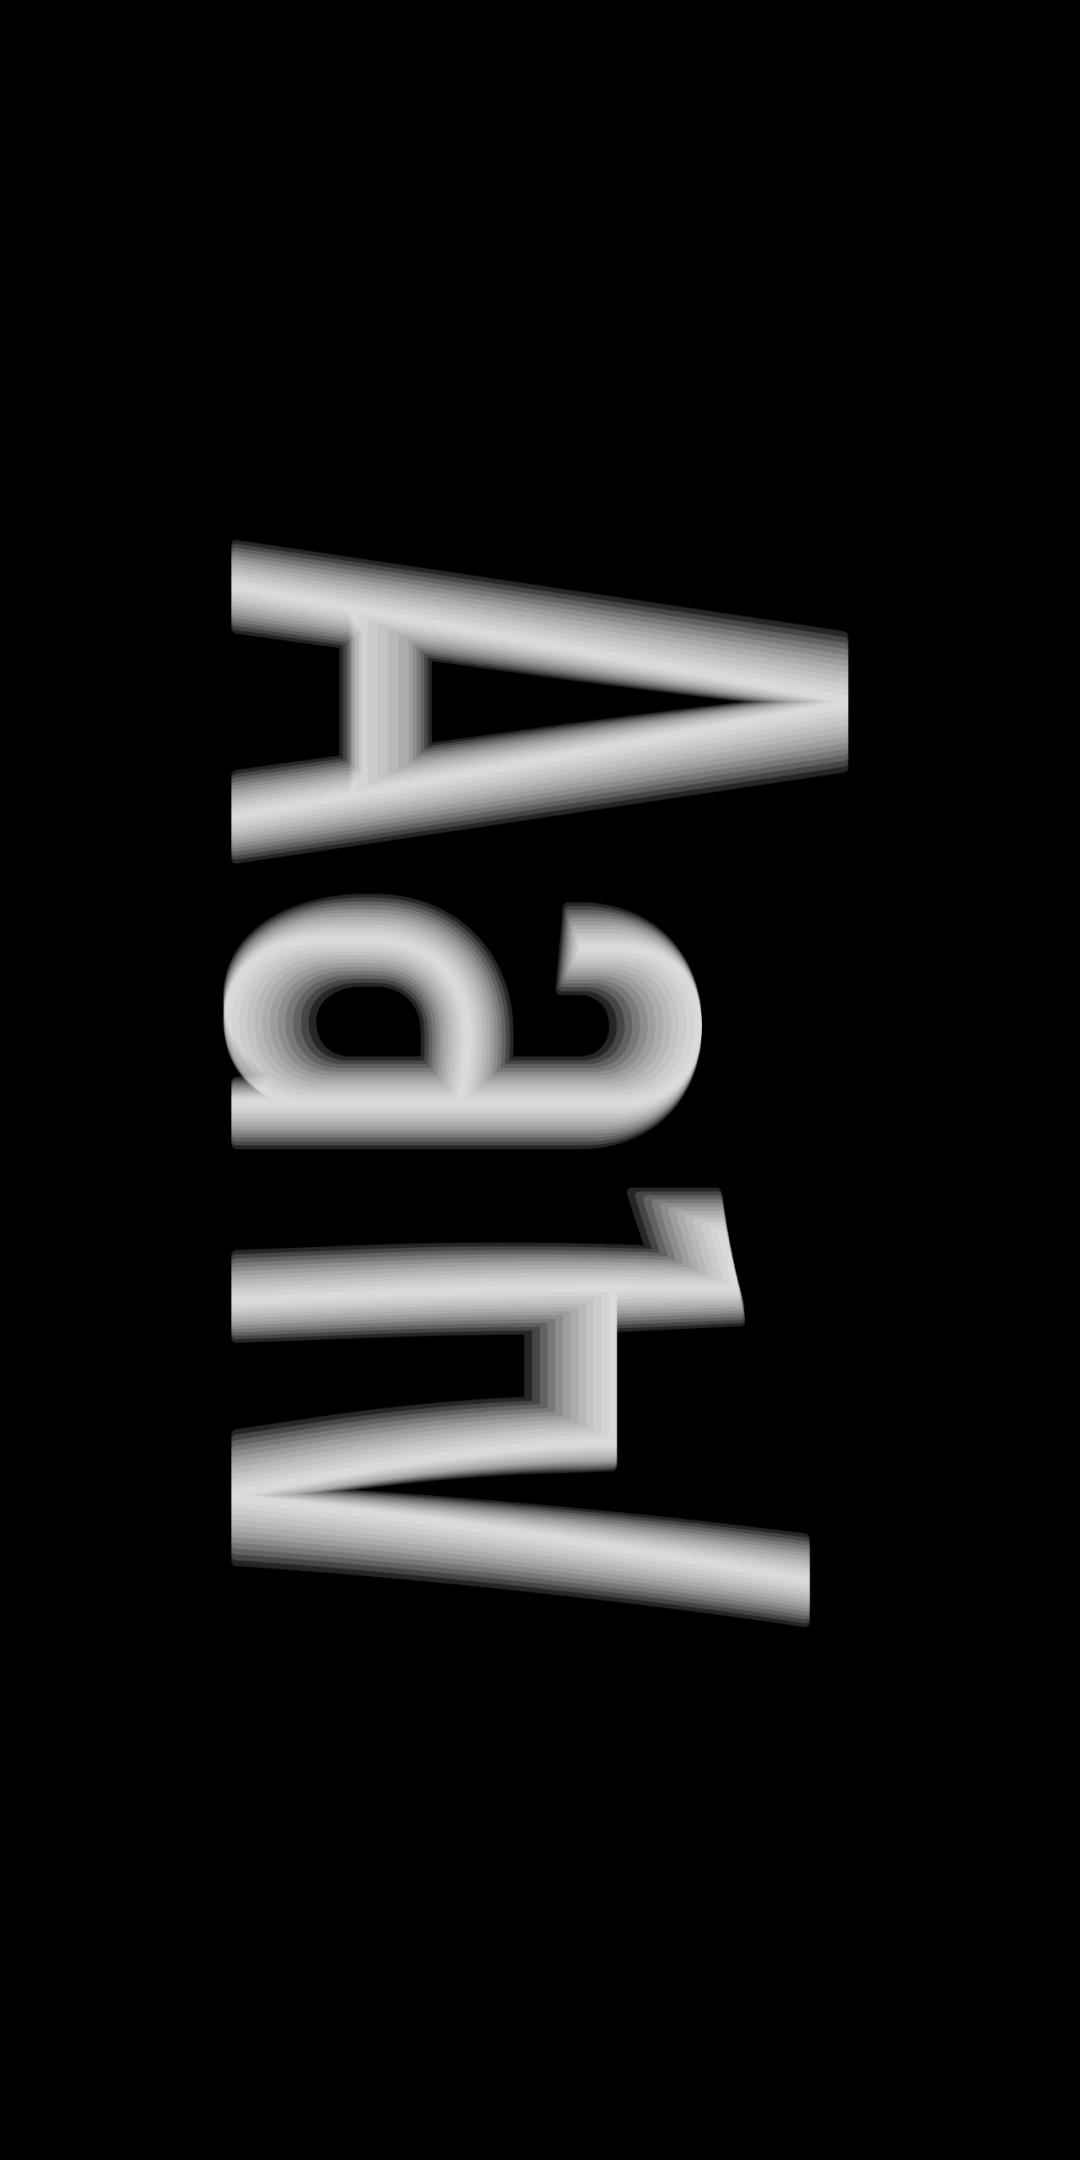 几何风格蒙古字体 Ailognom™ 第1张